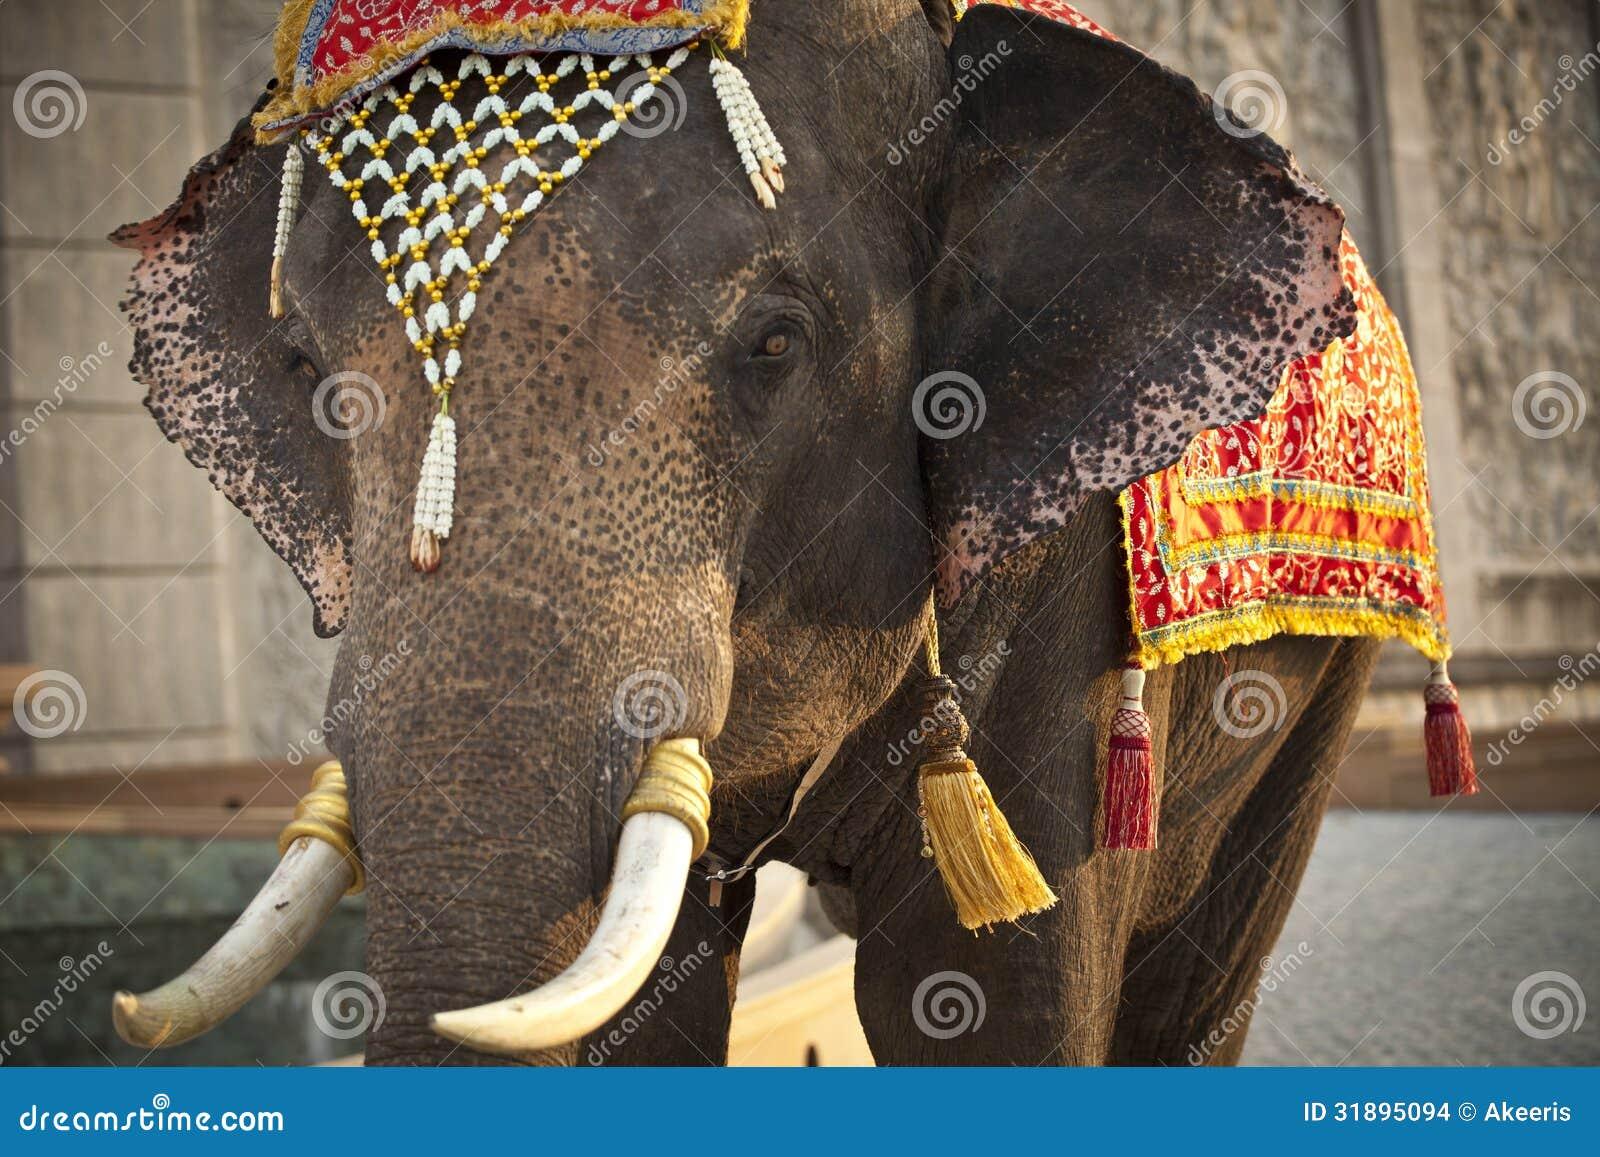 Decorated elephant face - photo#27